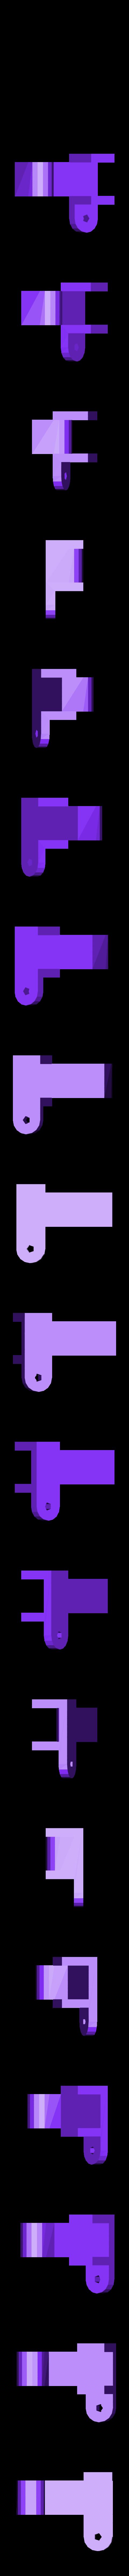 solidoodle_XAxisPreload.stl Télécharger fichier STL gratuit Tête d'extrudeuse à vis sans fin Solidoodle - By Tealvince (FIXE) • Plan pour impression 3D, Khuxtan